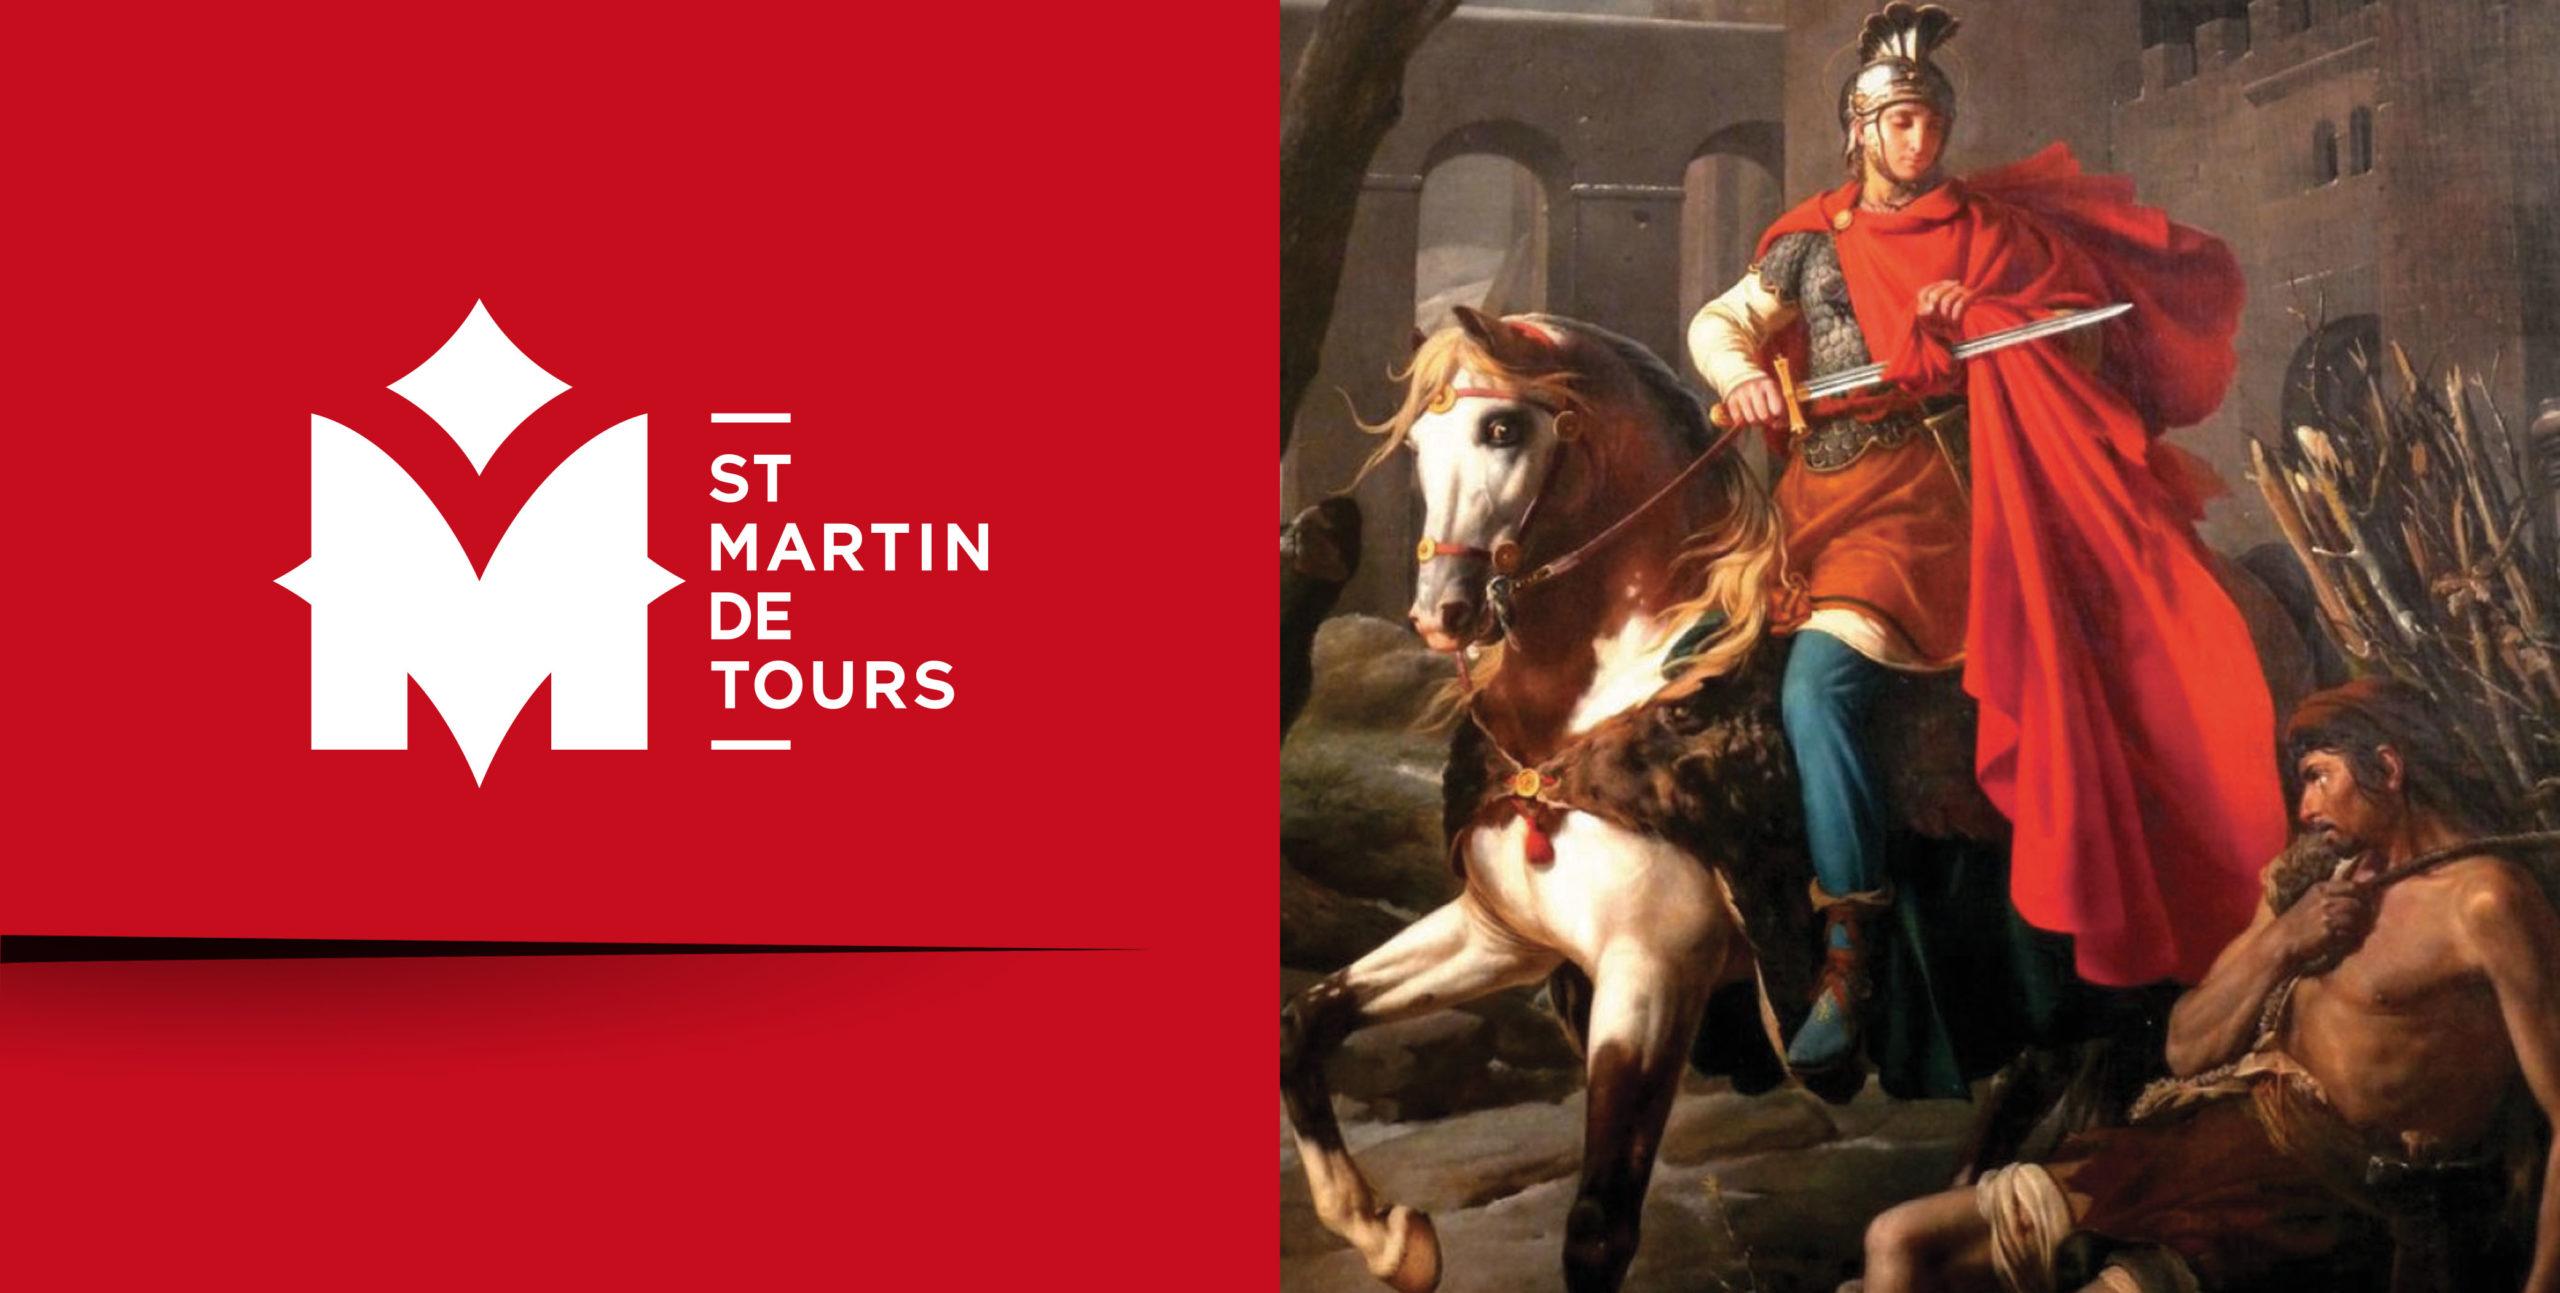 VIKIU ST MARTIN DE TOURS